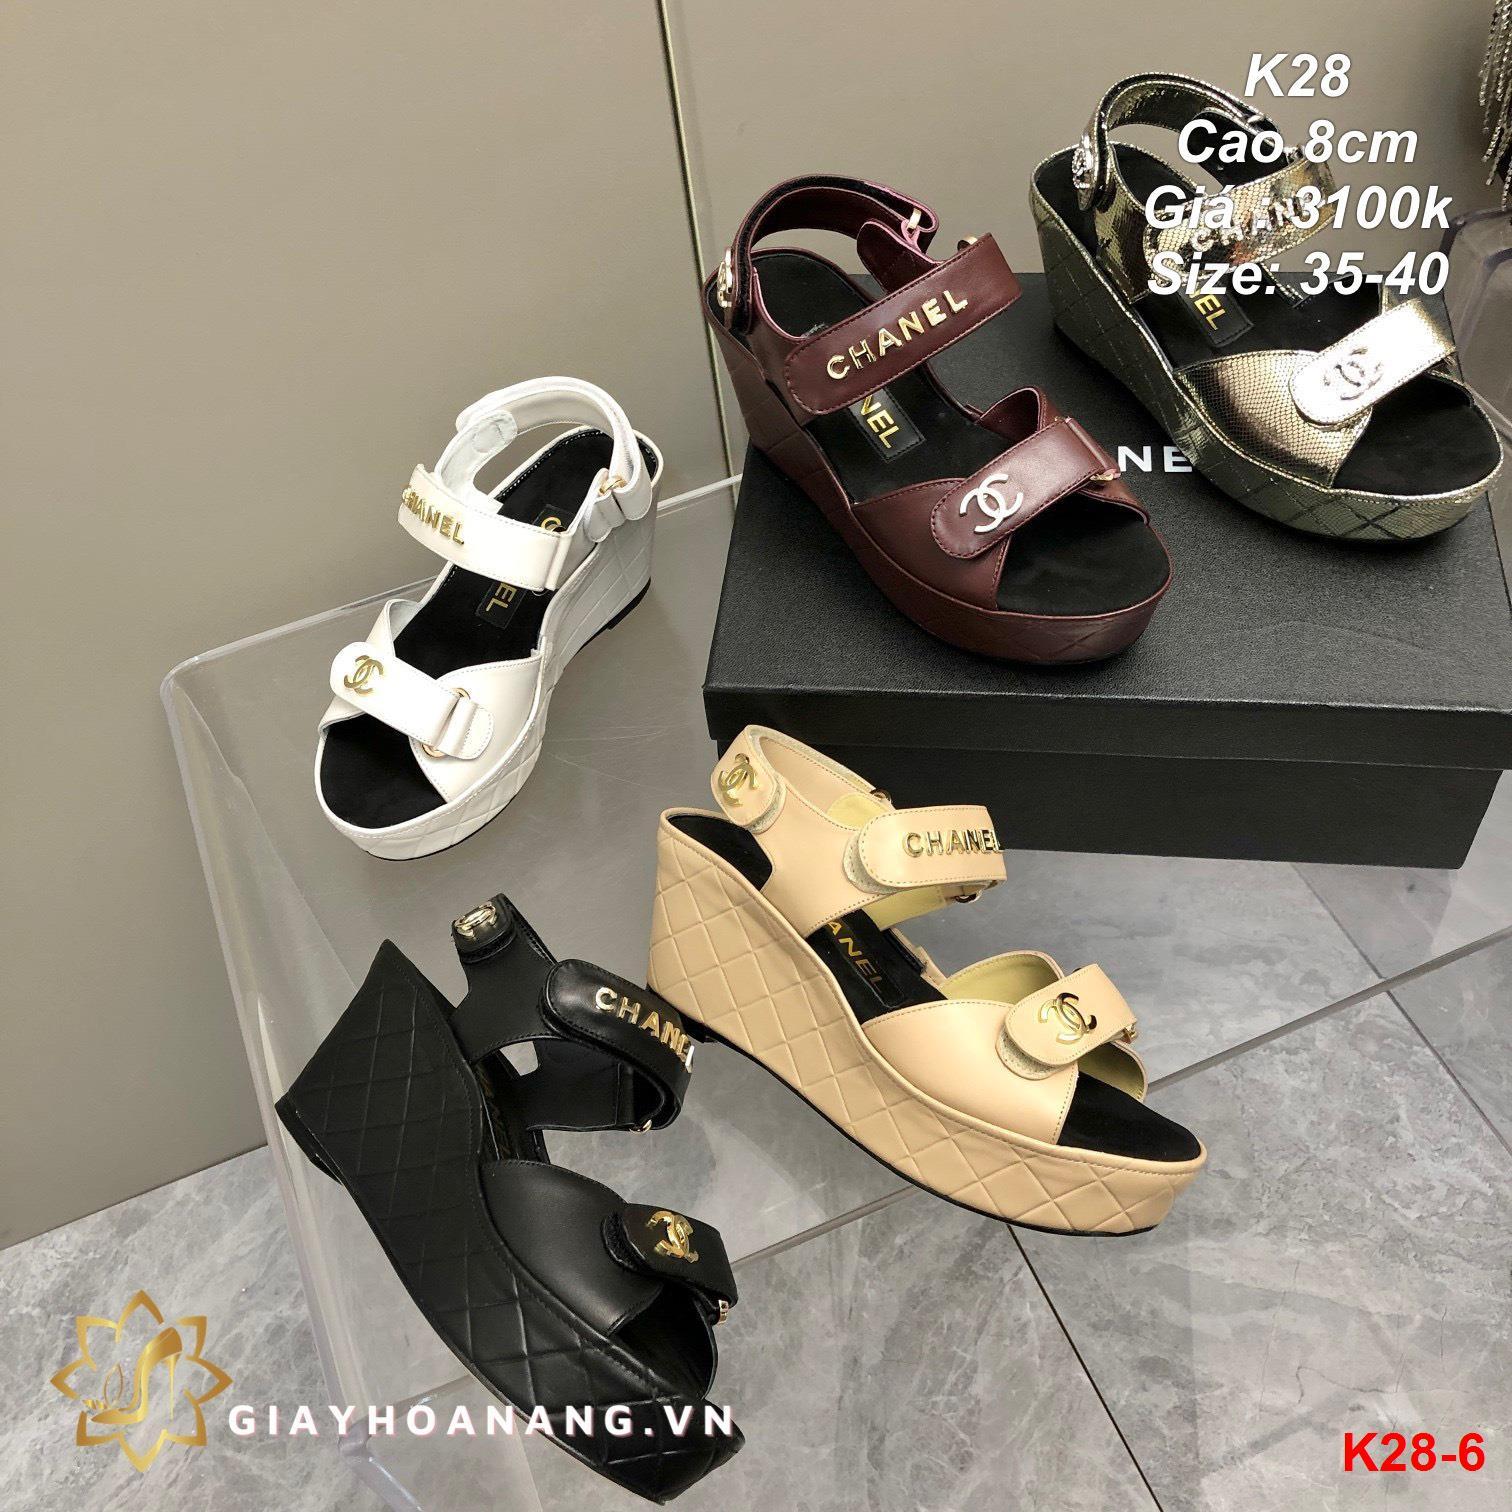 K28-6 Jimmy Choo siêu cấp giày lọ lem cao 10cm